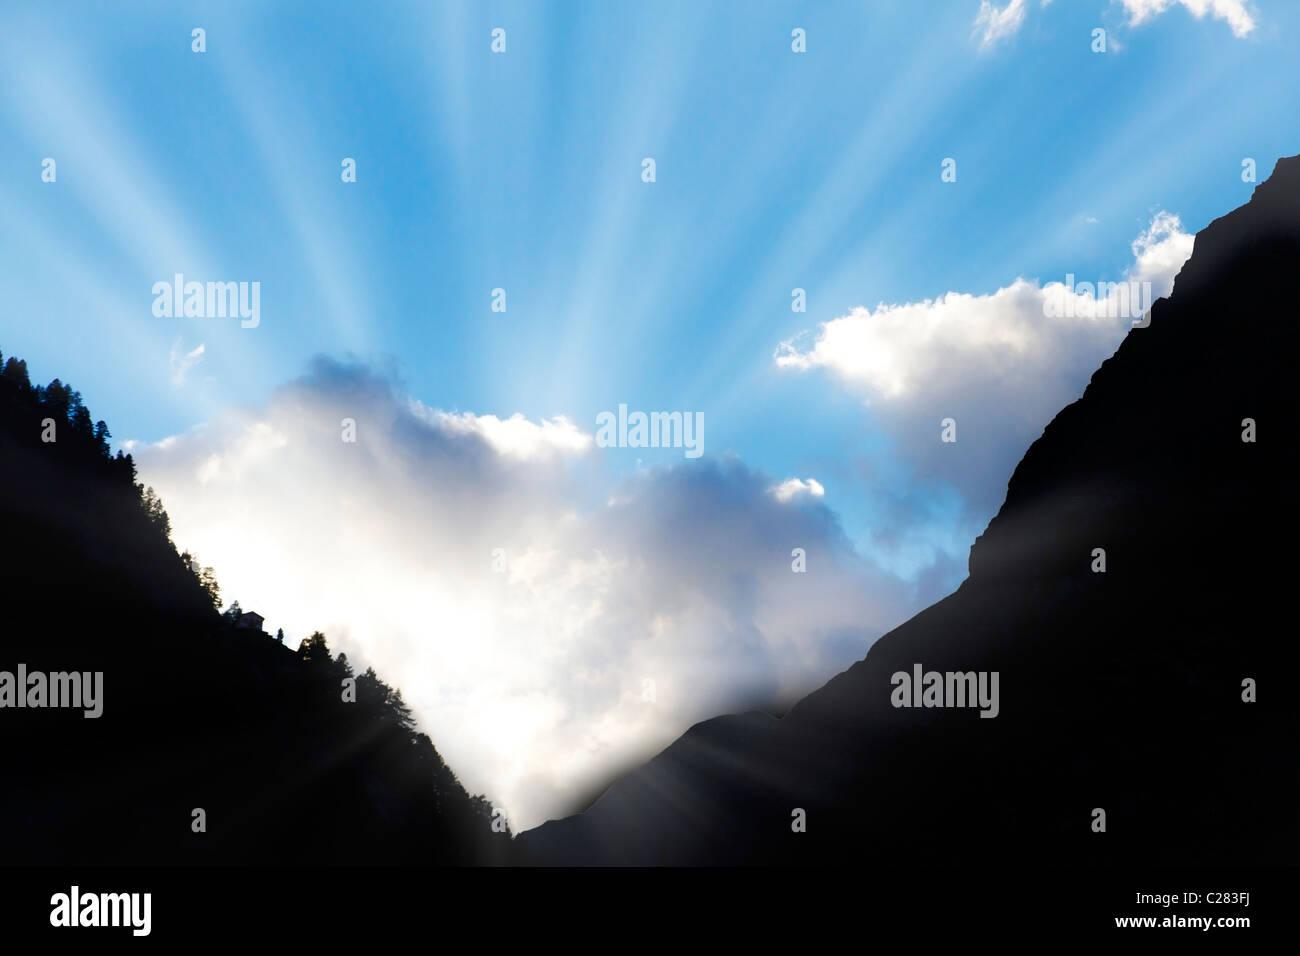 Sun irrumpe a través de las nubes desde un oscuro valle de montaña símbolo de esperanza,llamada,no para dar luz Foto de stock